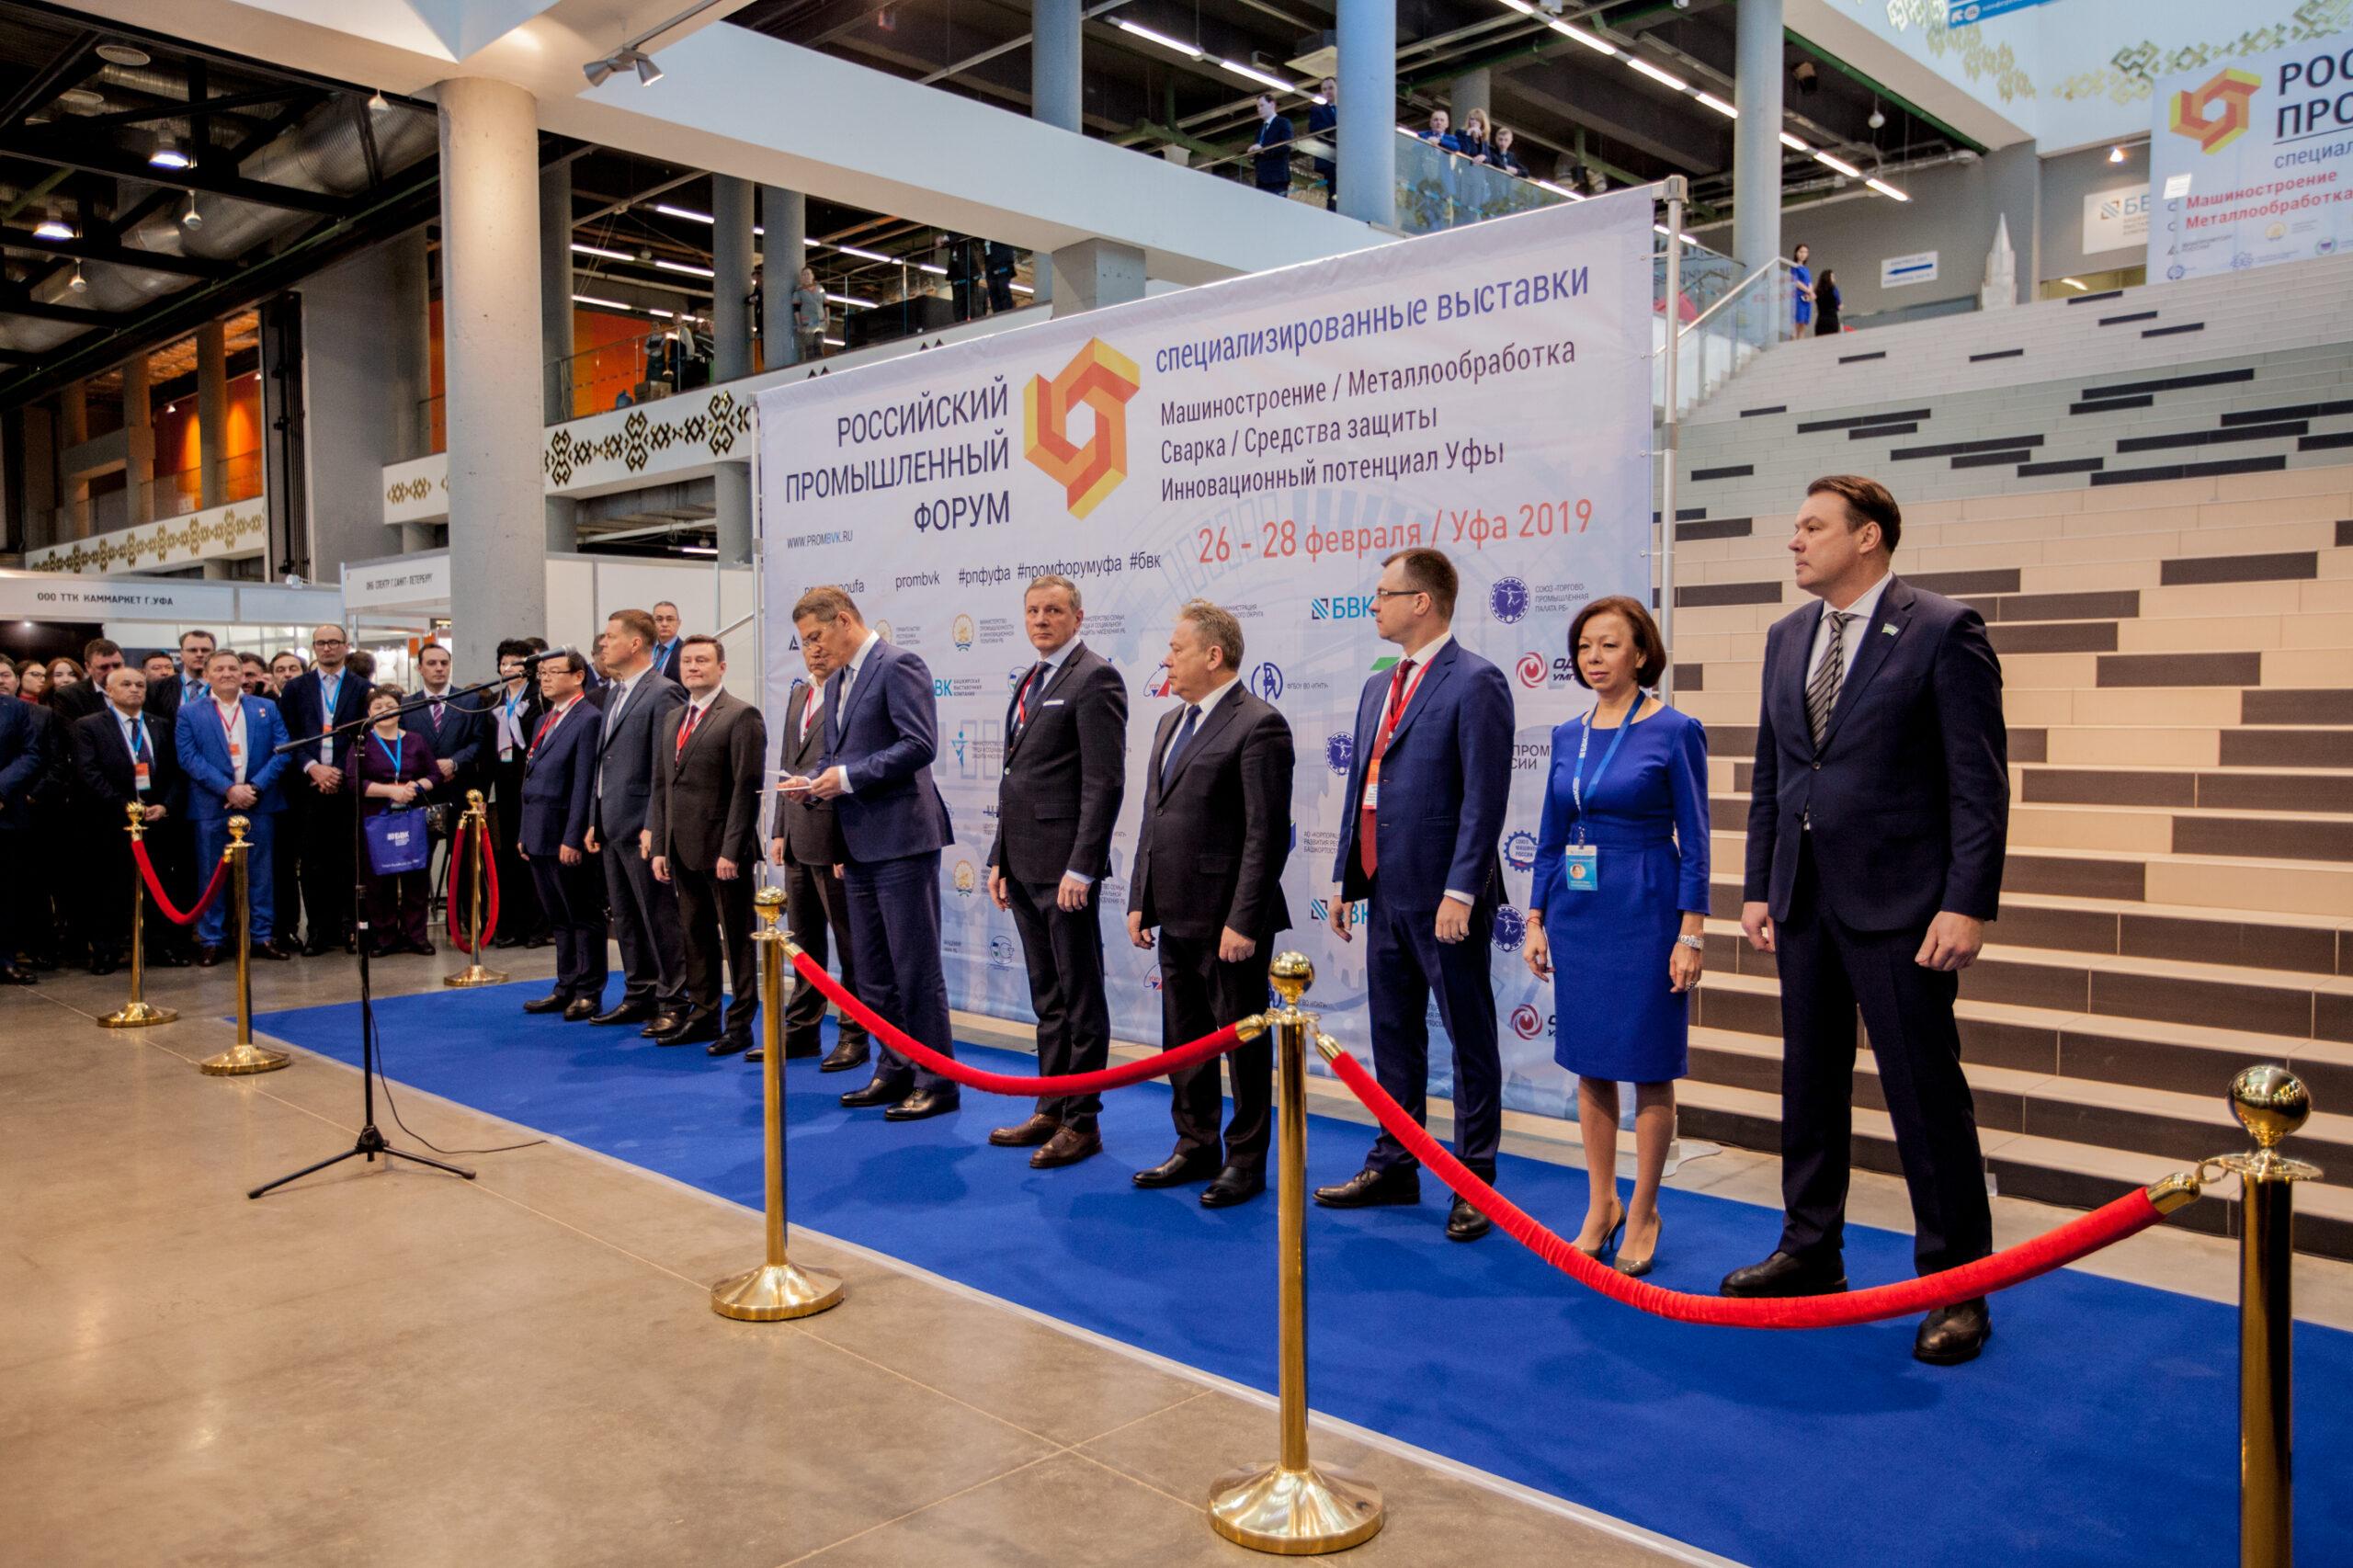 Российский промышленный форум. Выставки «Машиностроение», «Металлообработка», «Сварка», «Средства защиты», «Инновационный потенциал Уфы»